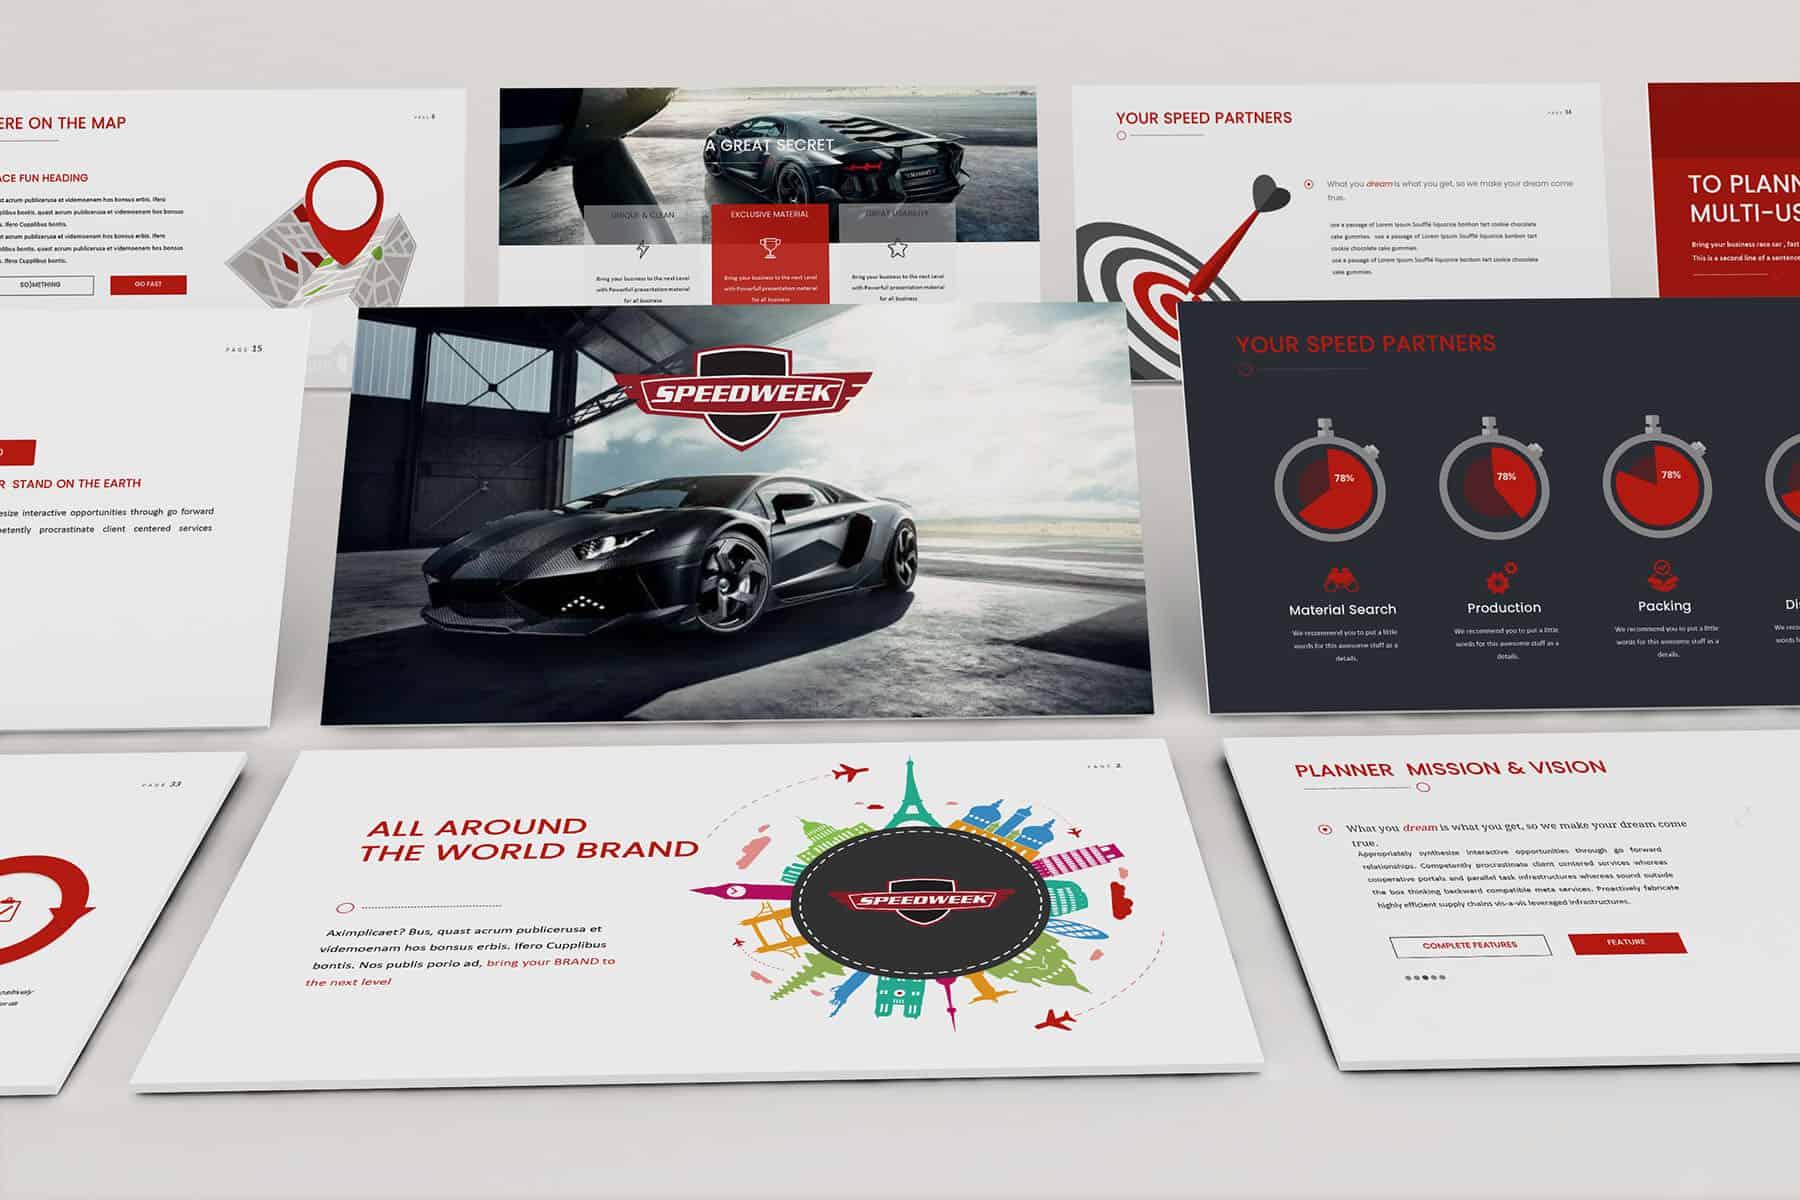 Speedweek Sponsorship Presentation